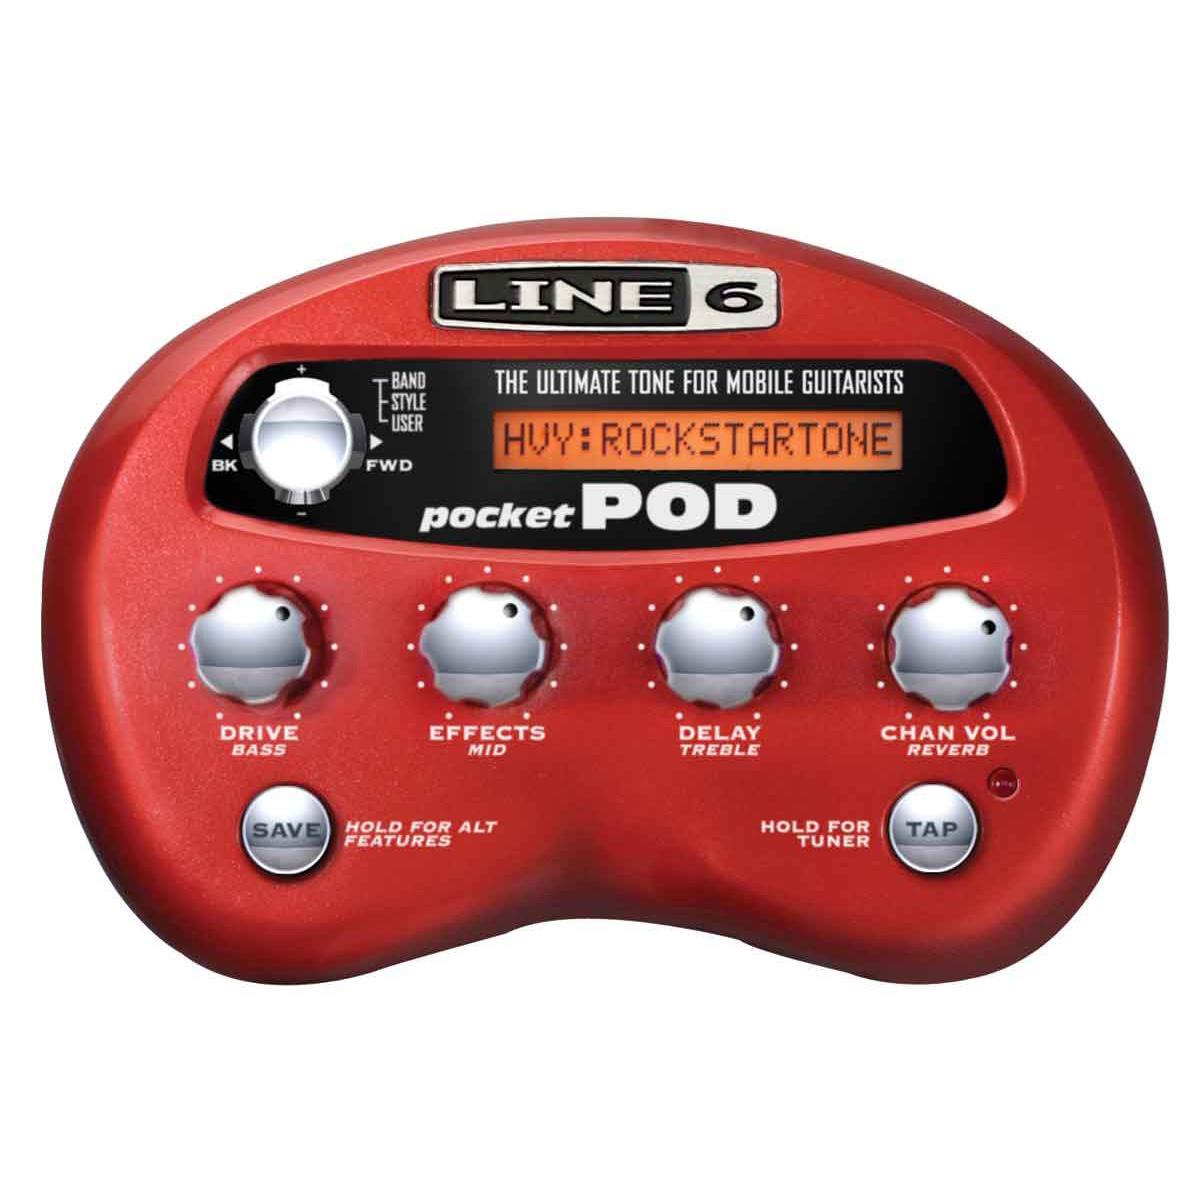 LINE6-POCKET-POD-sku-1082